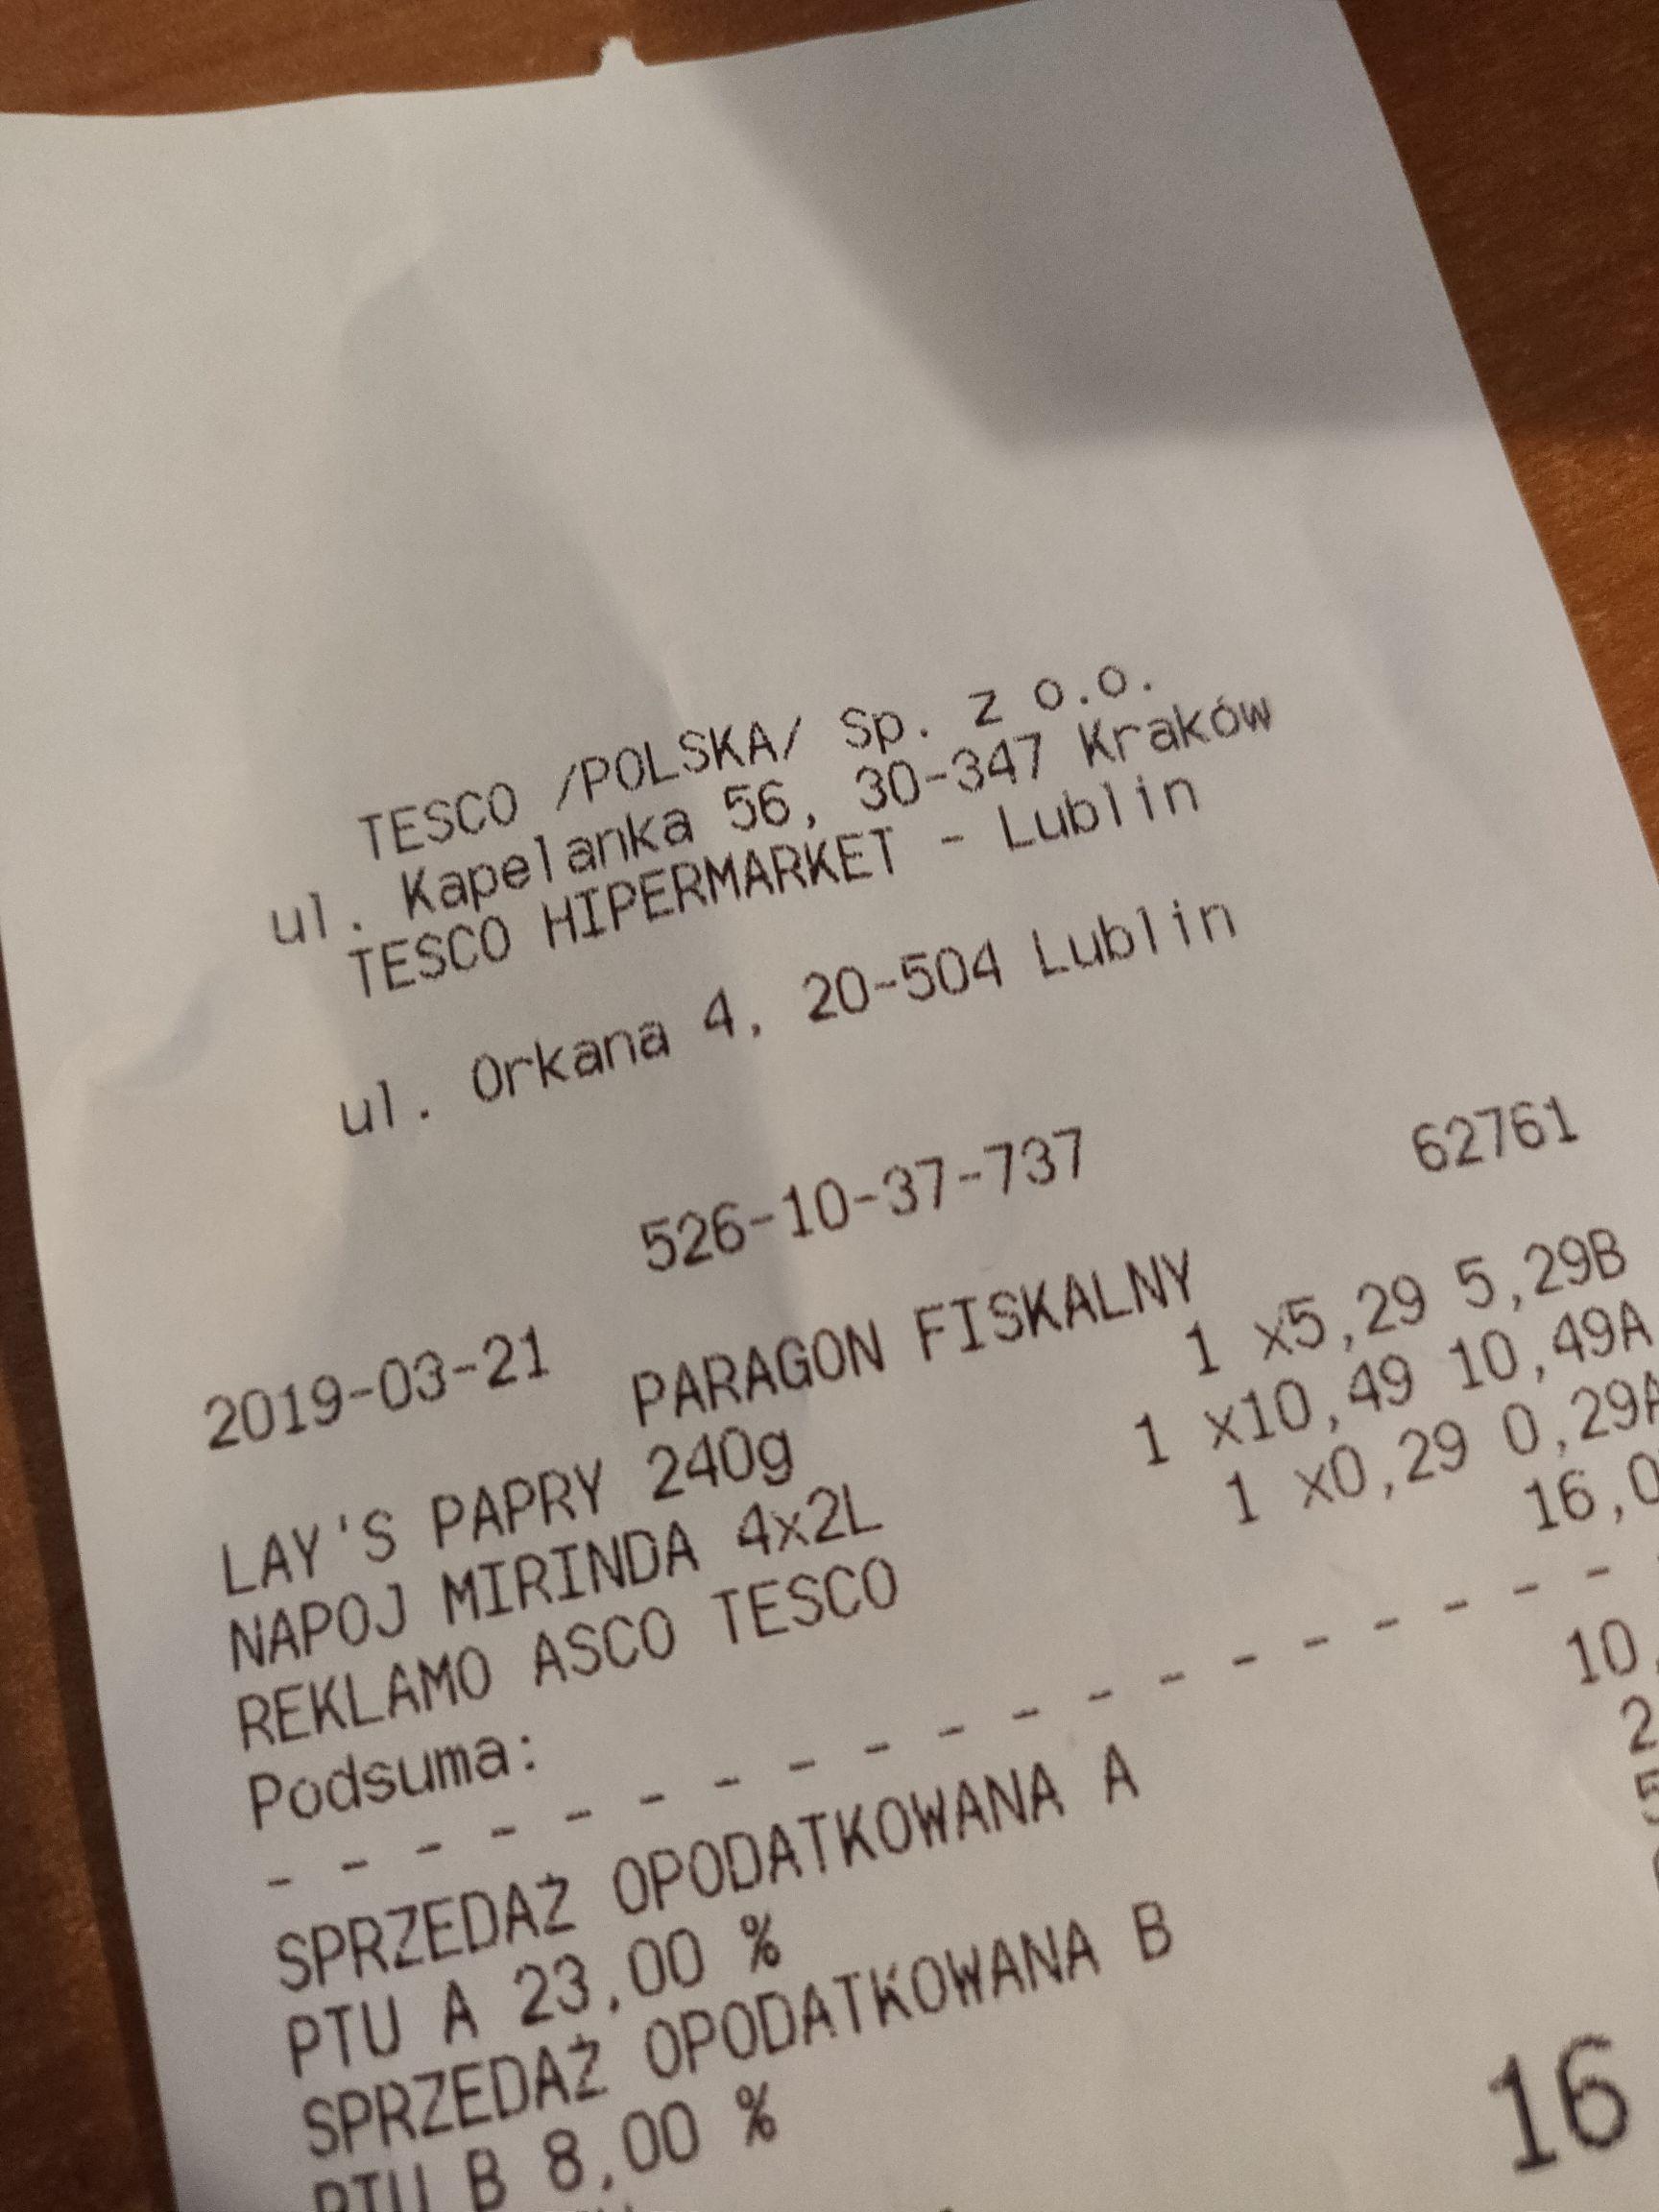 Mirinda, Pepsi, Pepsi Max 4x2l Tesco